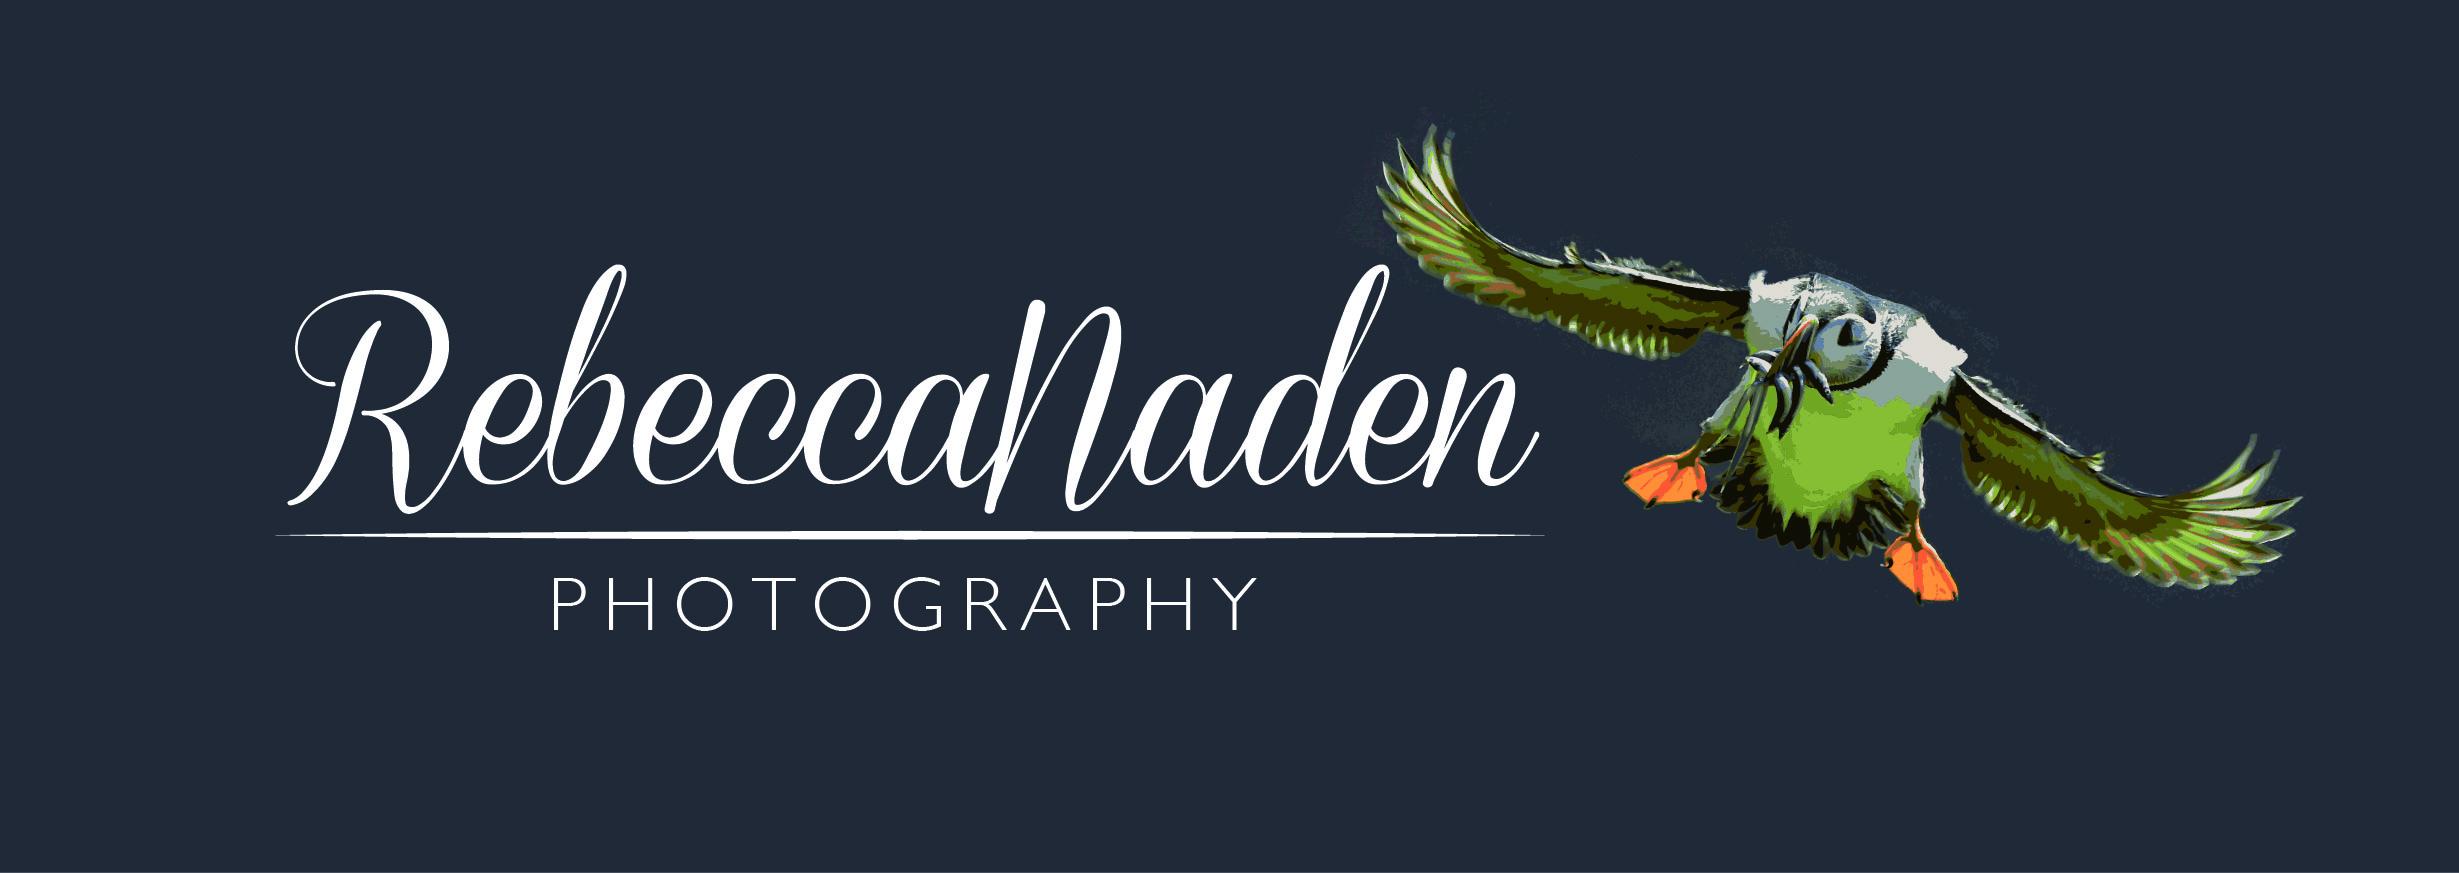 Rebecca Naden Photography